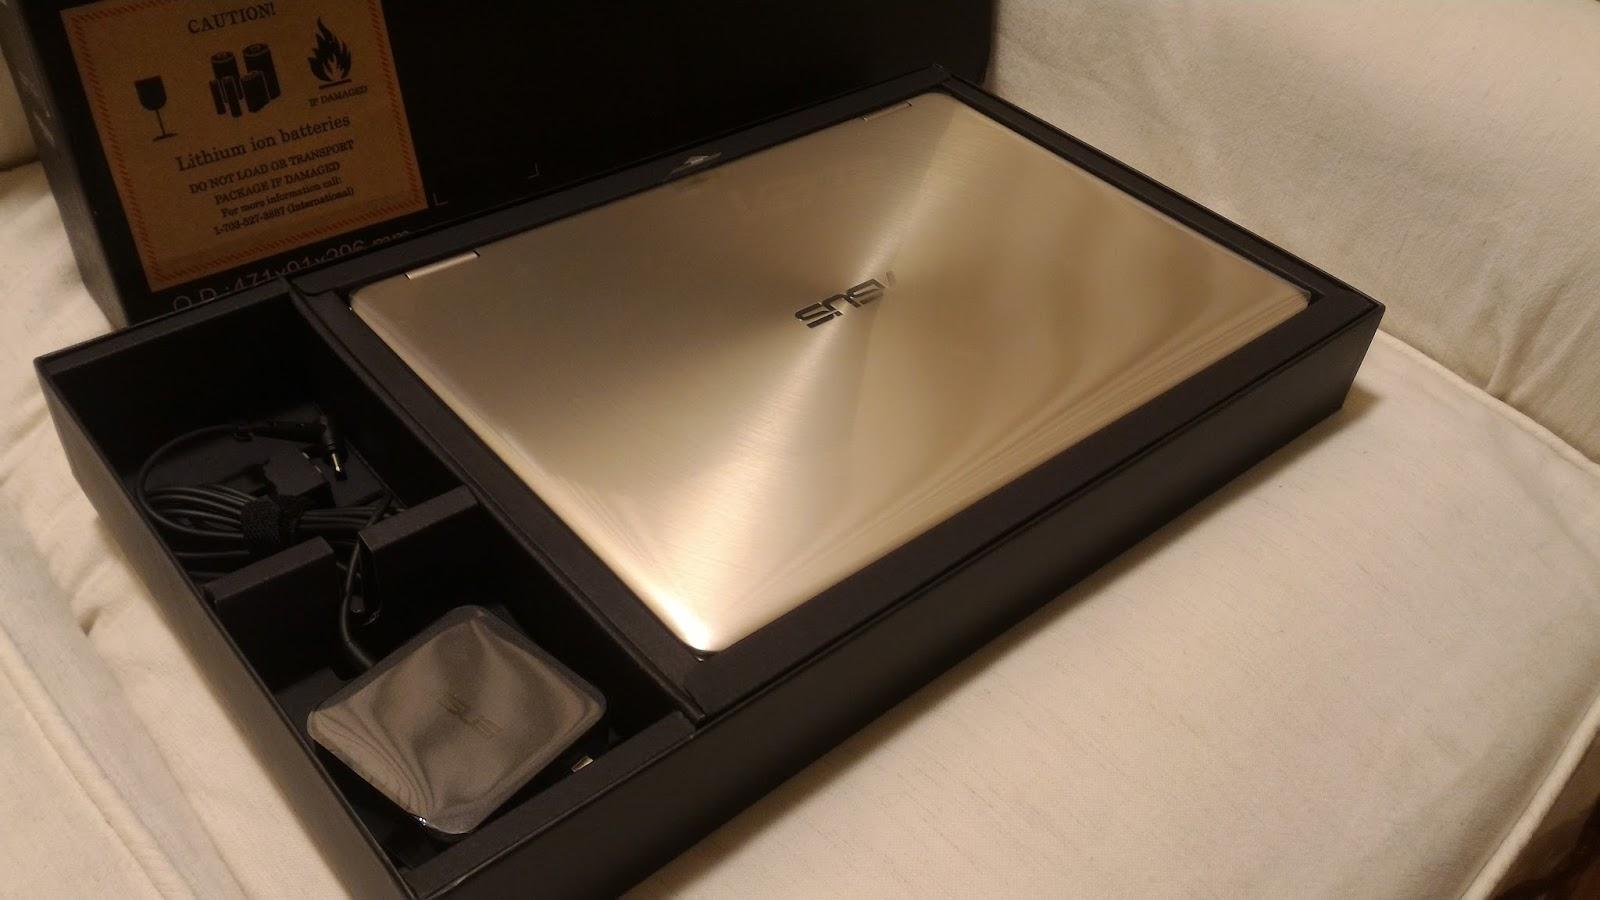 P 20160506 230226 SRES - [開箱] Asus Zenbook Flip UX306CA 極致輕薄、360度自由翻轉